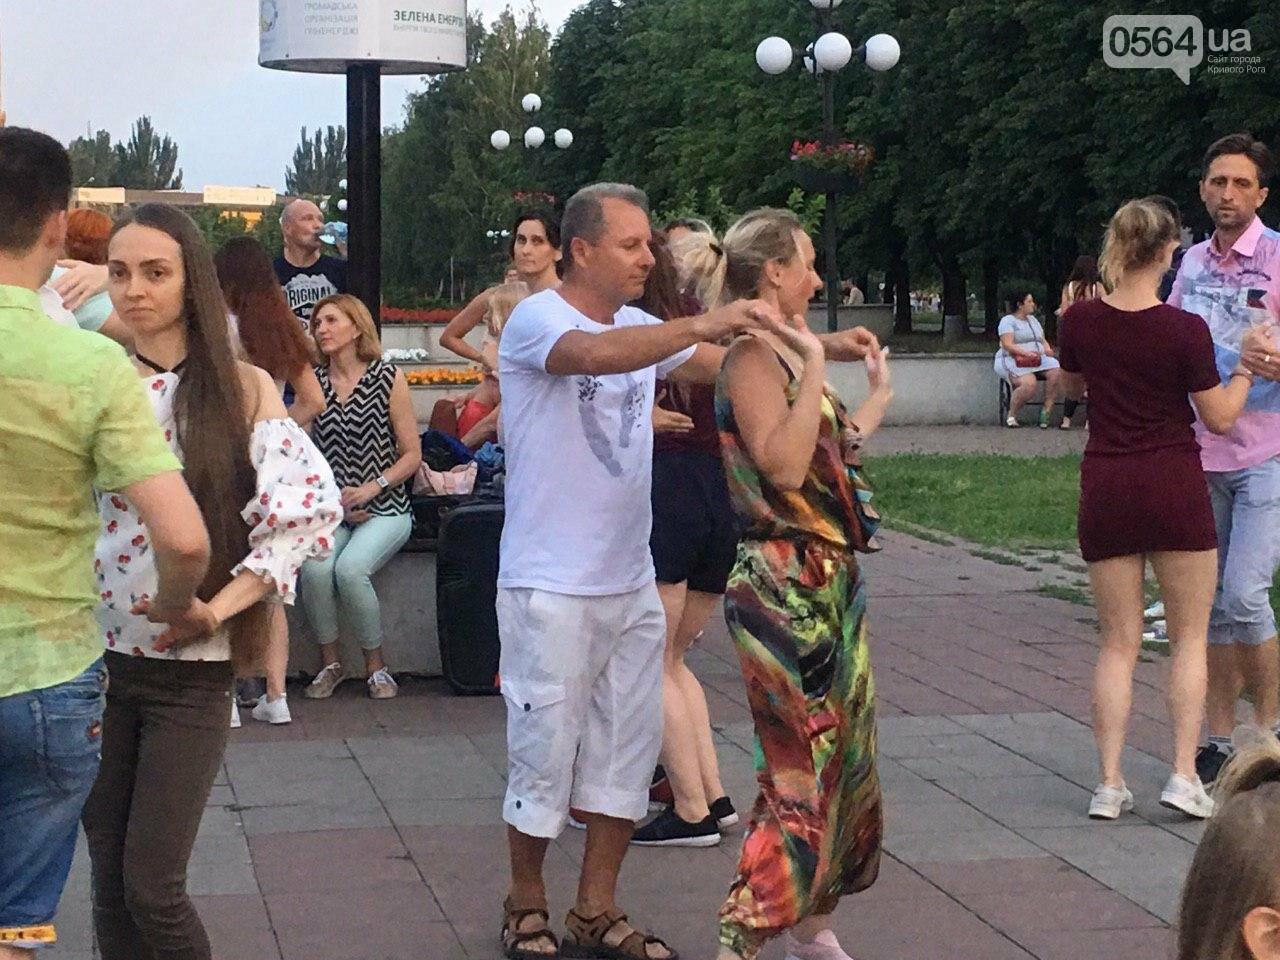 Сальса, бачата, кизомба: в центре города танцоры провели мастер-класс для криворожан, - ФОТО, ВИДЕО , фото-11